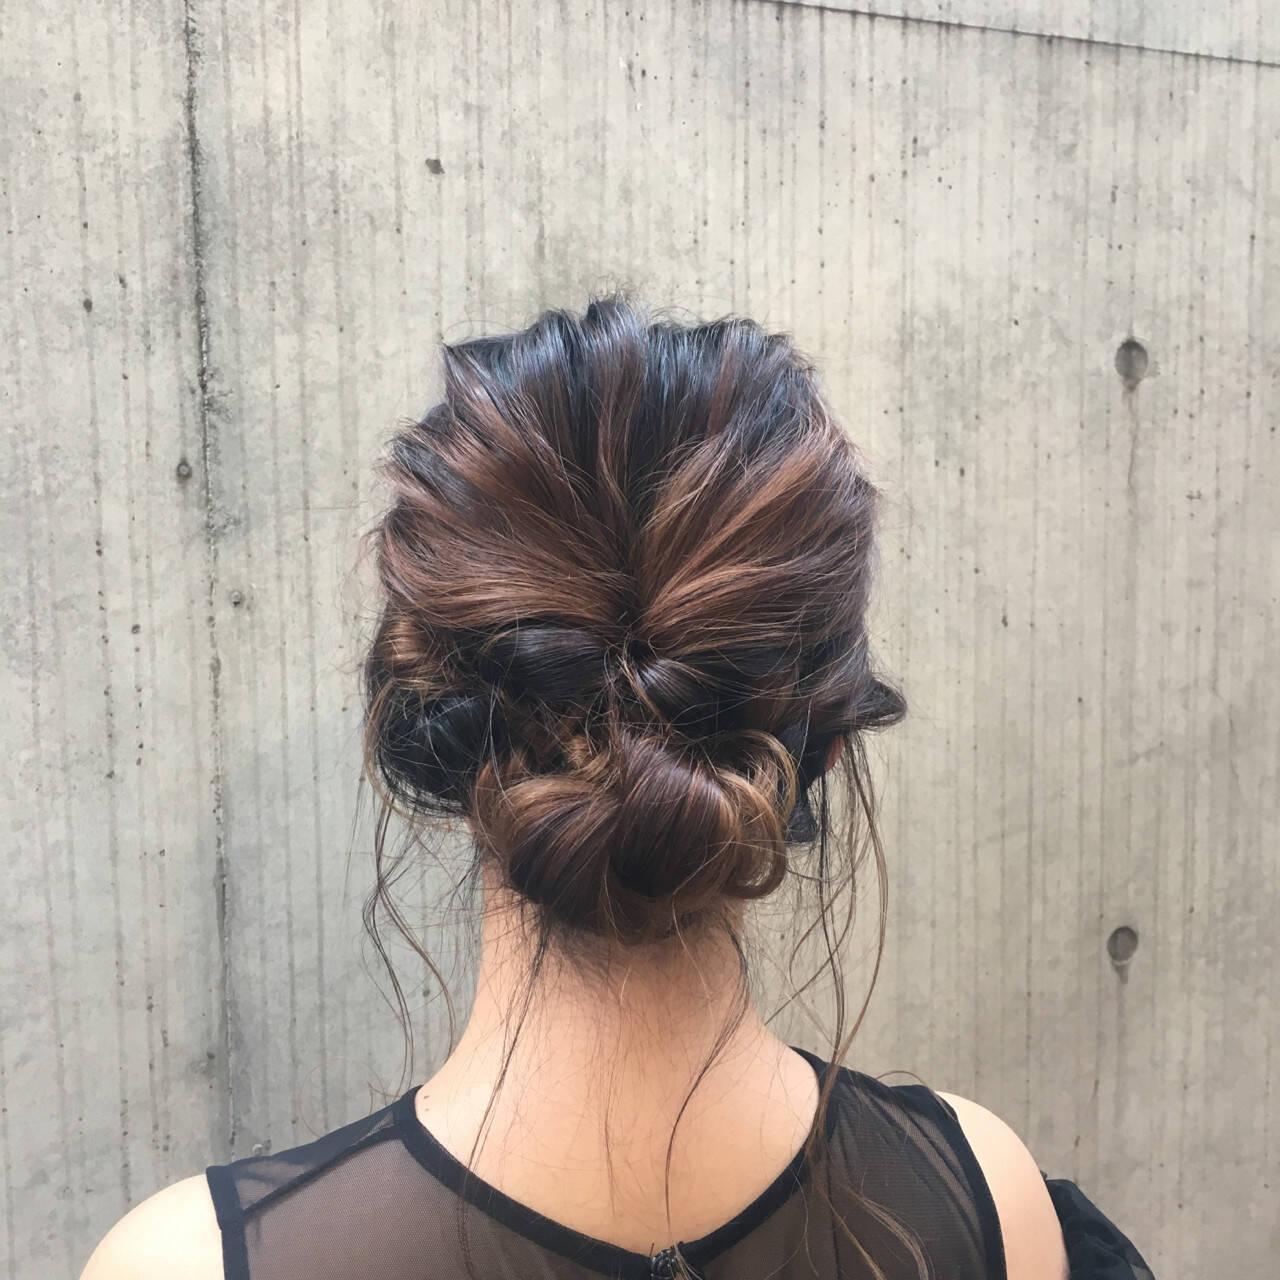 ミディアム パーティ ヘアアレンジ シニヨンヘアスタイルや髪型の写真・画像